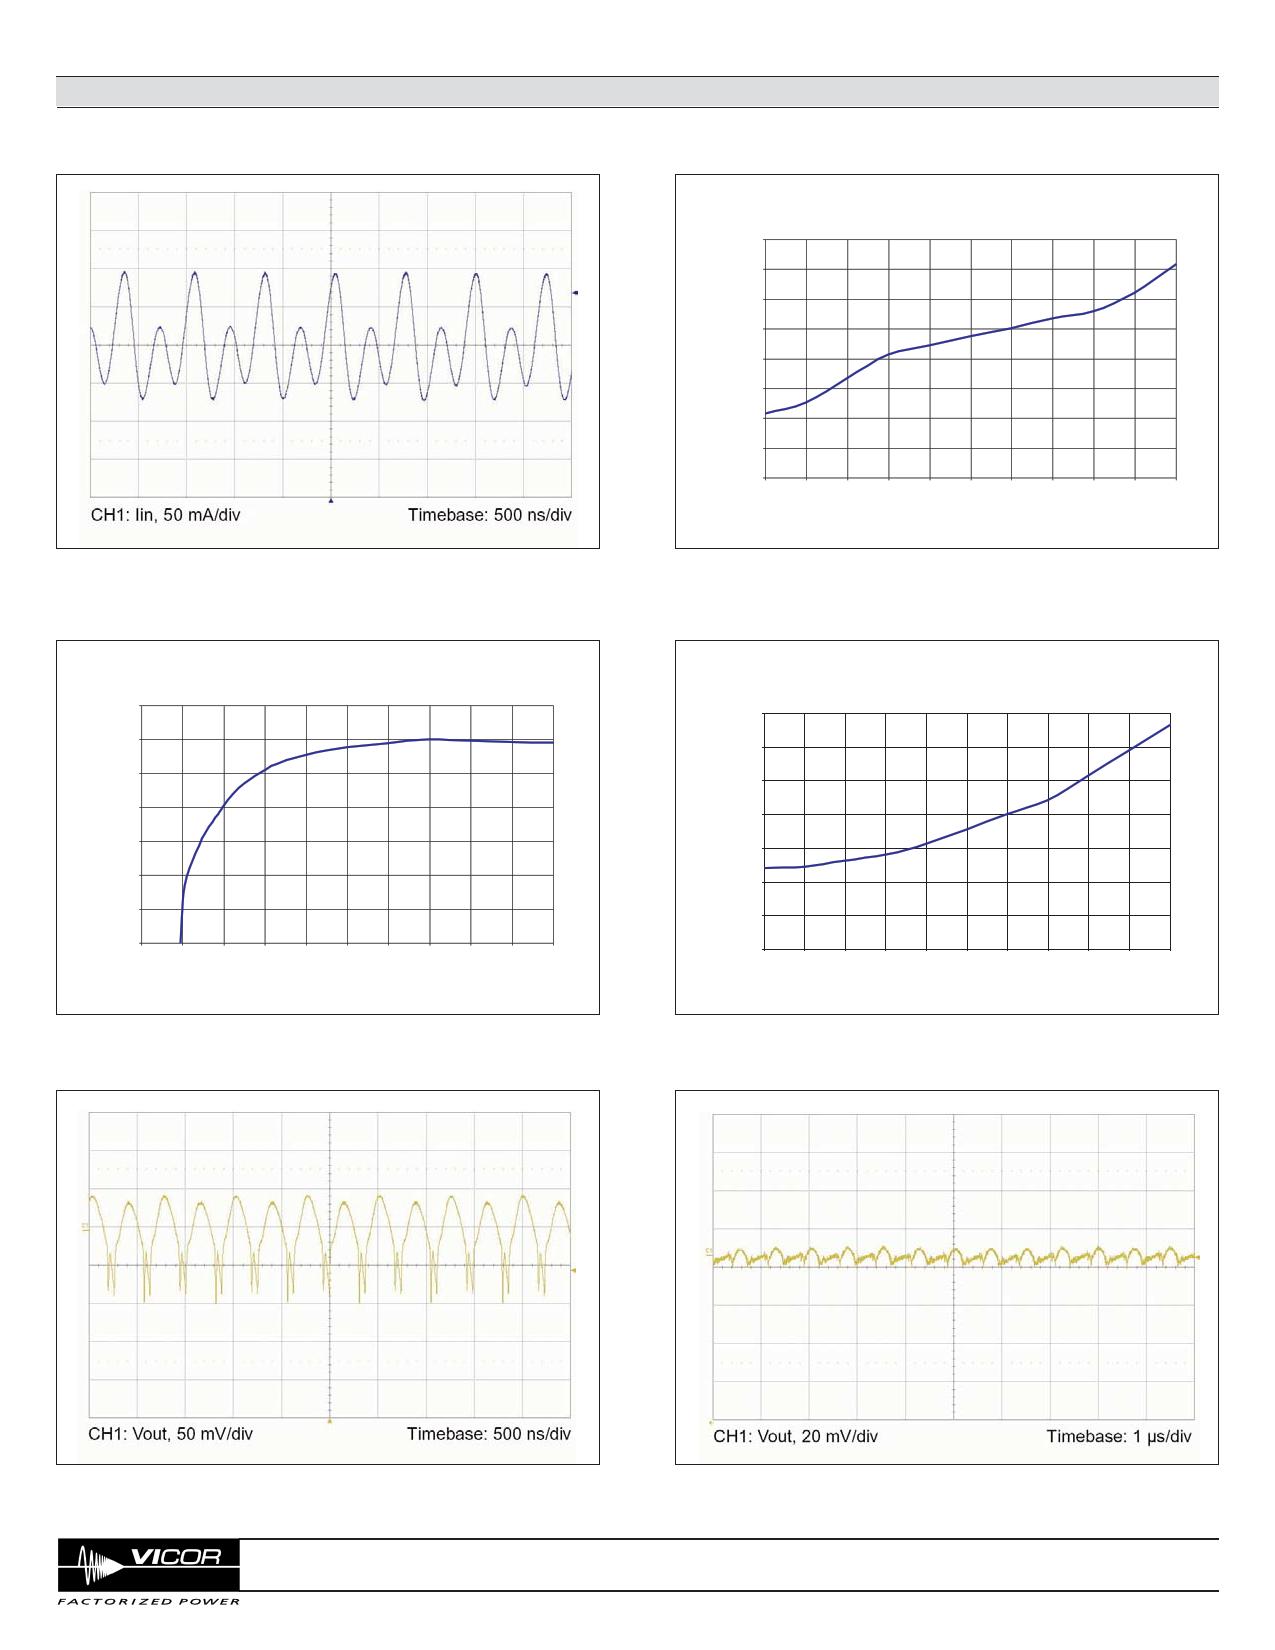 V048K120M025 pdf, 電子部品, 半導体, ピン配列